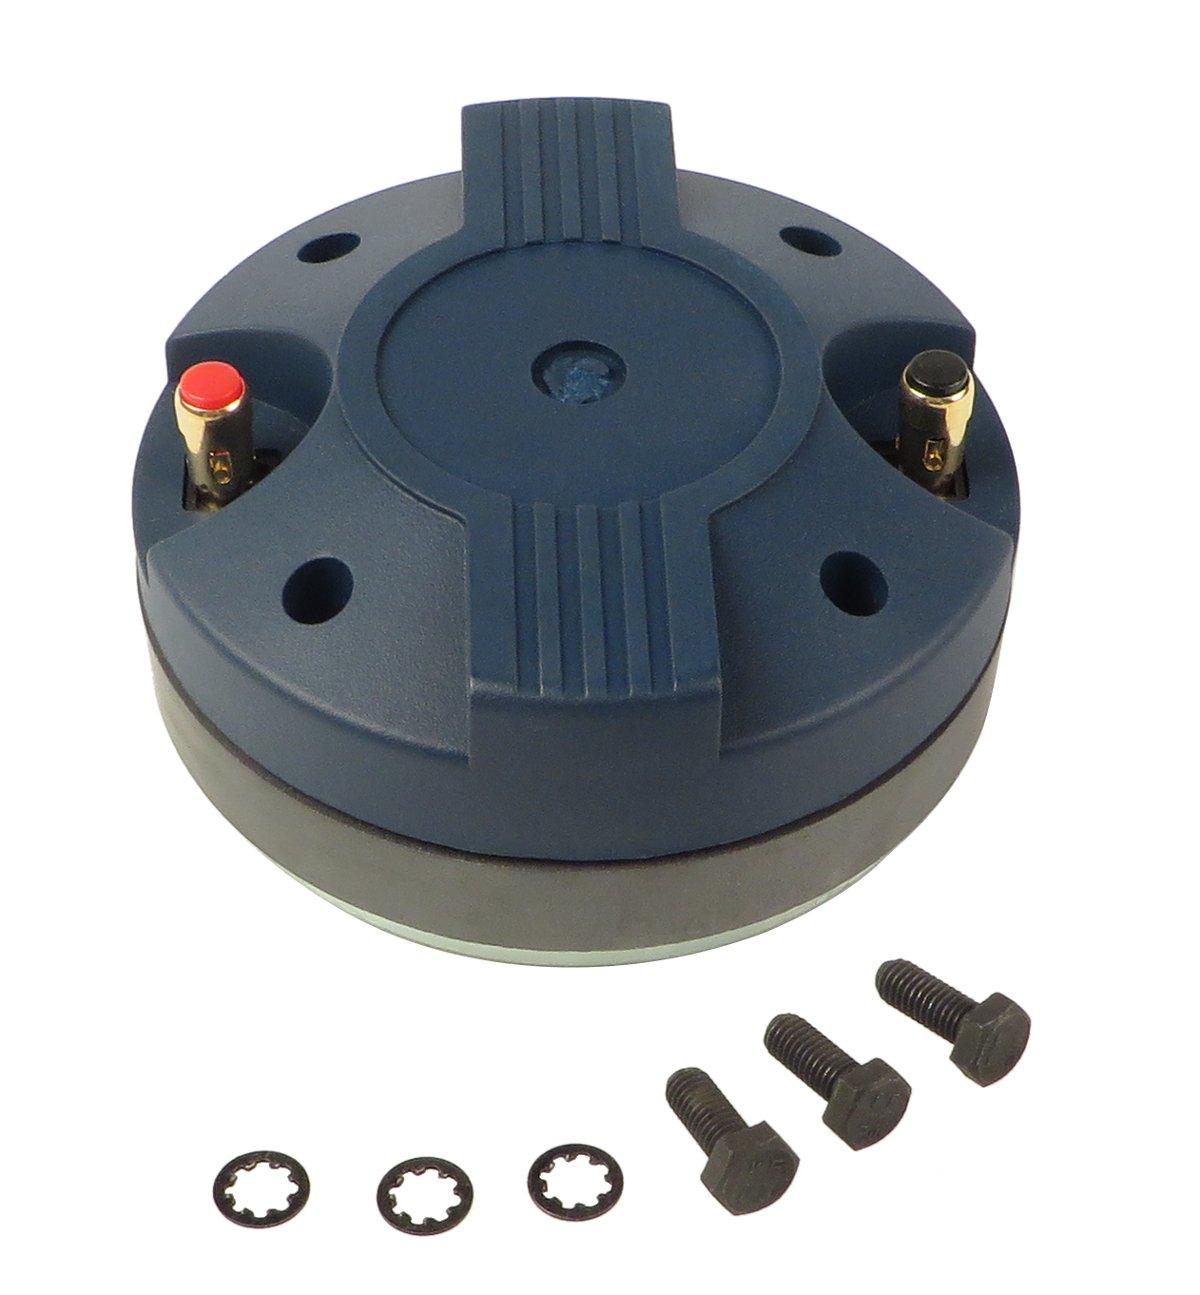 HF Horn Driver for TXD121, TXD121M, and TXD151